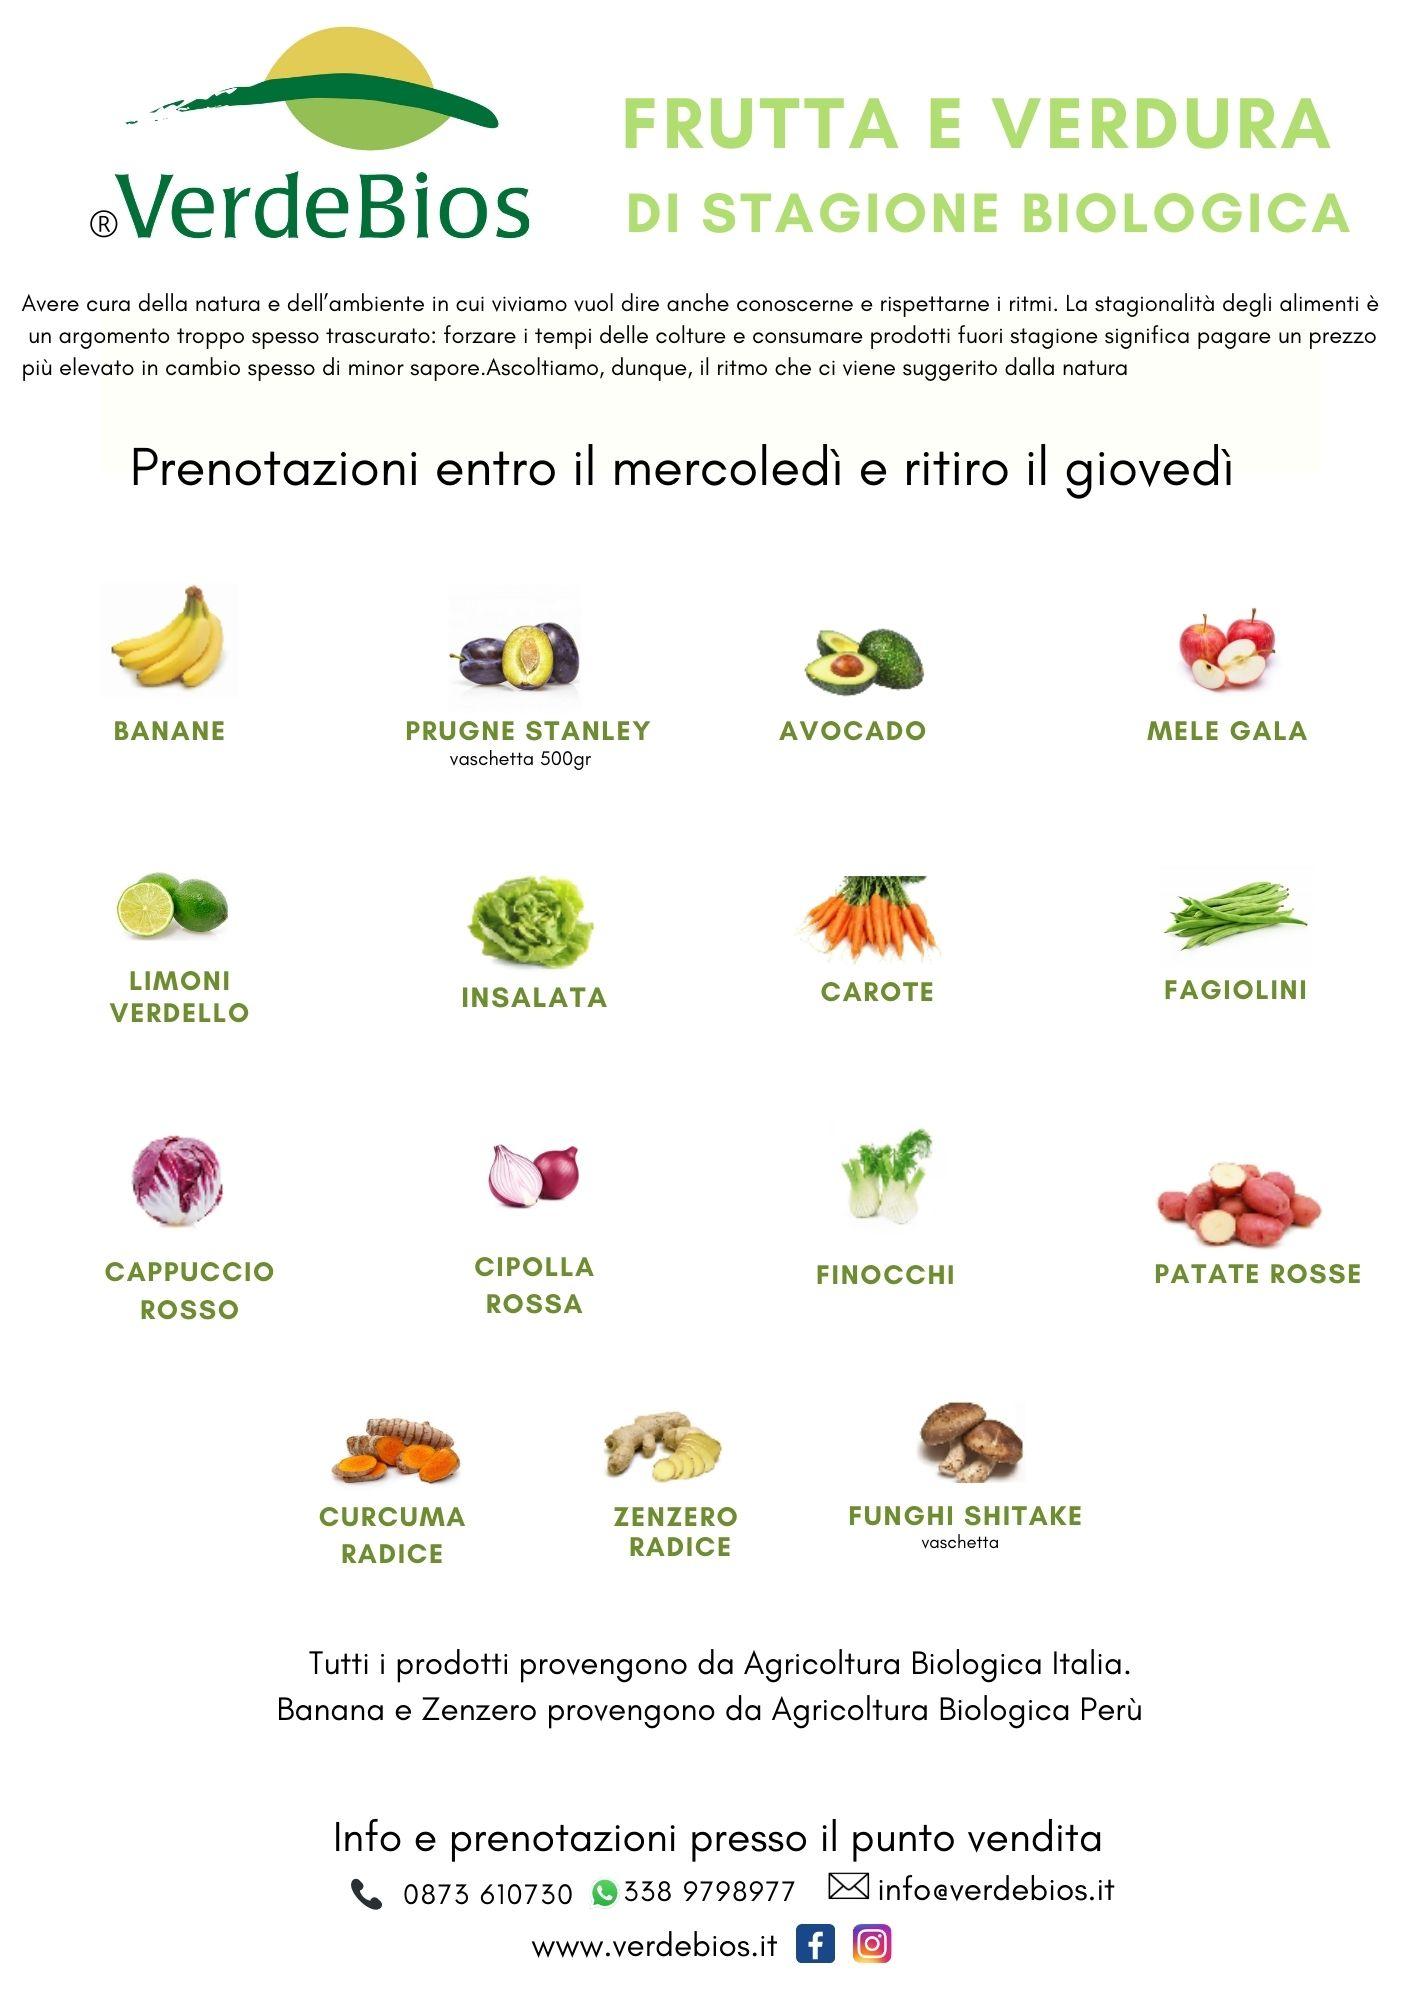 Frutta_e_verdura_biologica_VerdeBios